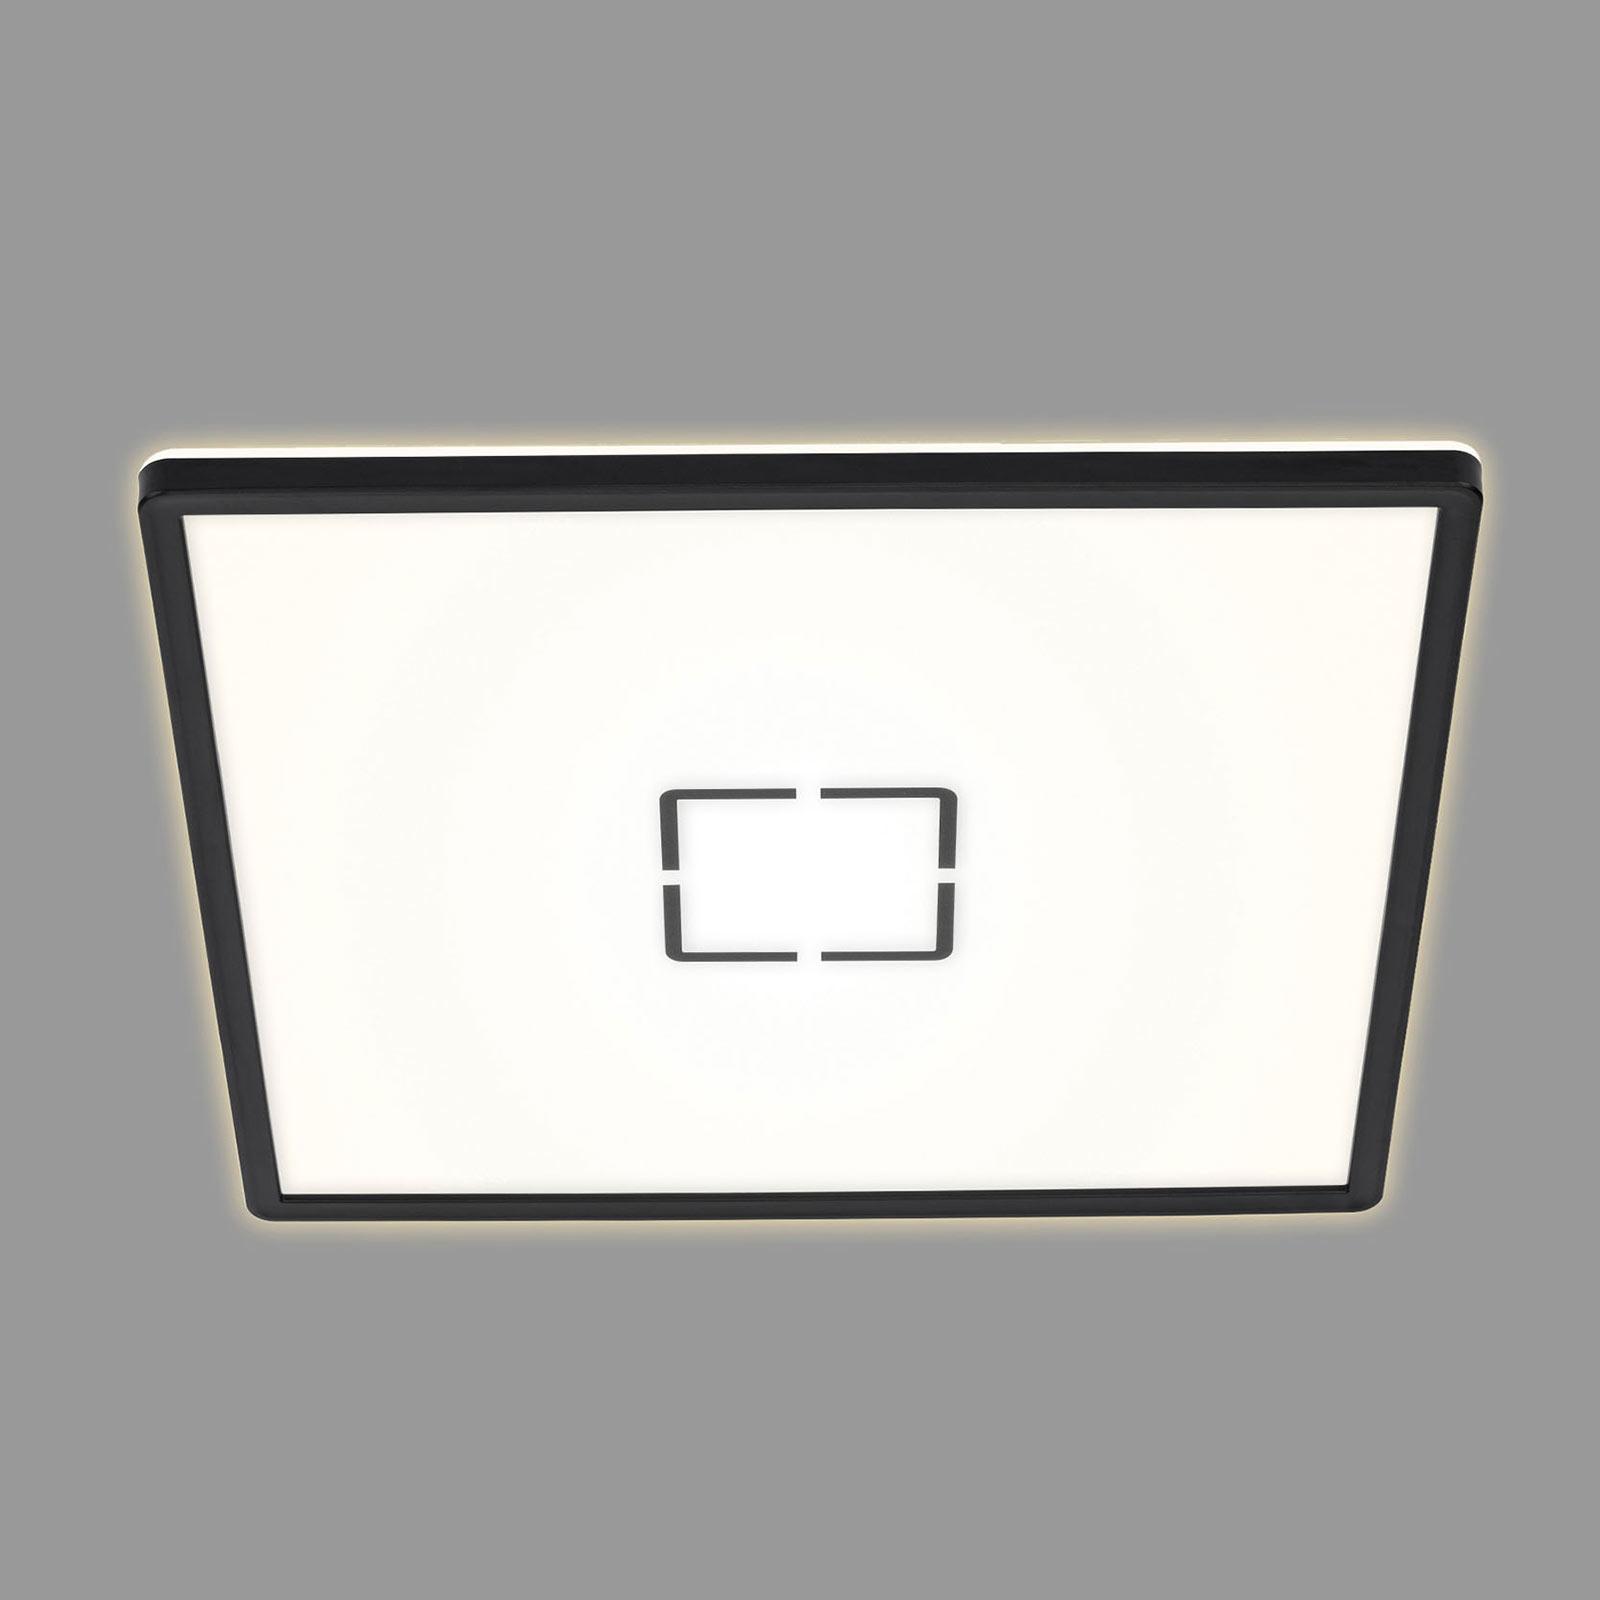 LED-Deckenleuchte Free, 42 x 42 cm, schwarz